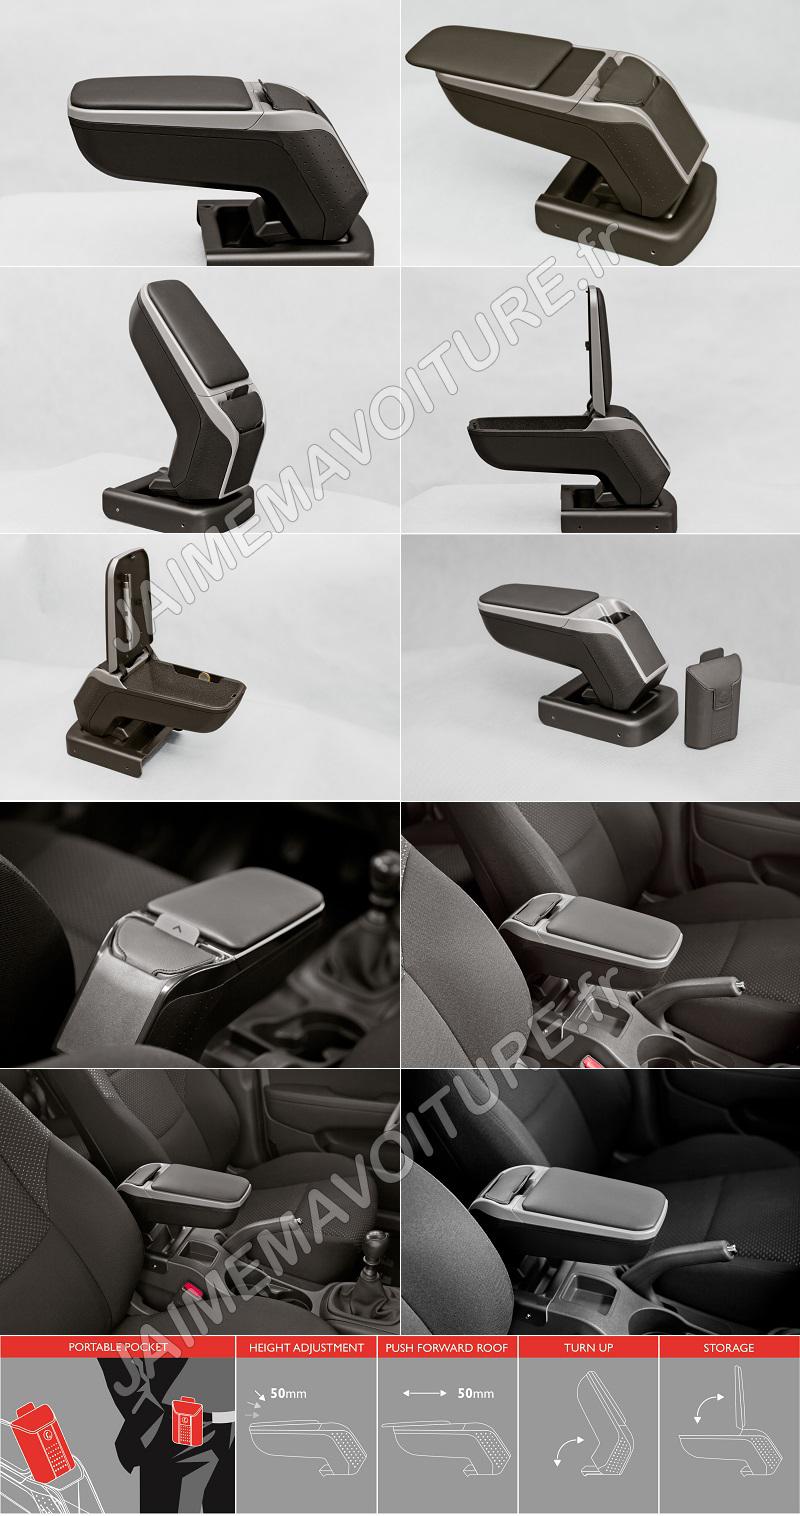 Opel Corsa E Coupe moyens Accoudoir//Accoudoir Noir Art-Cuir